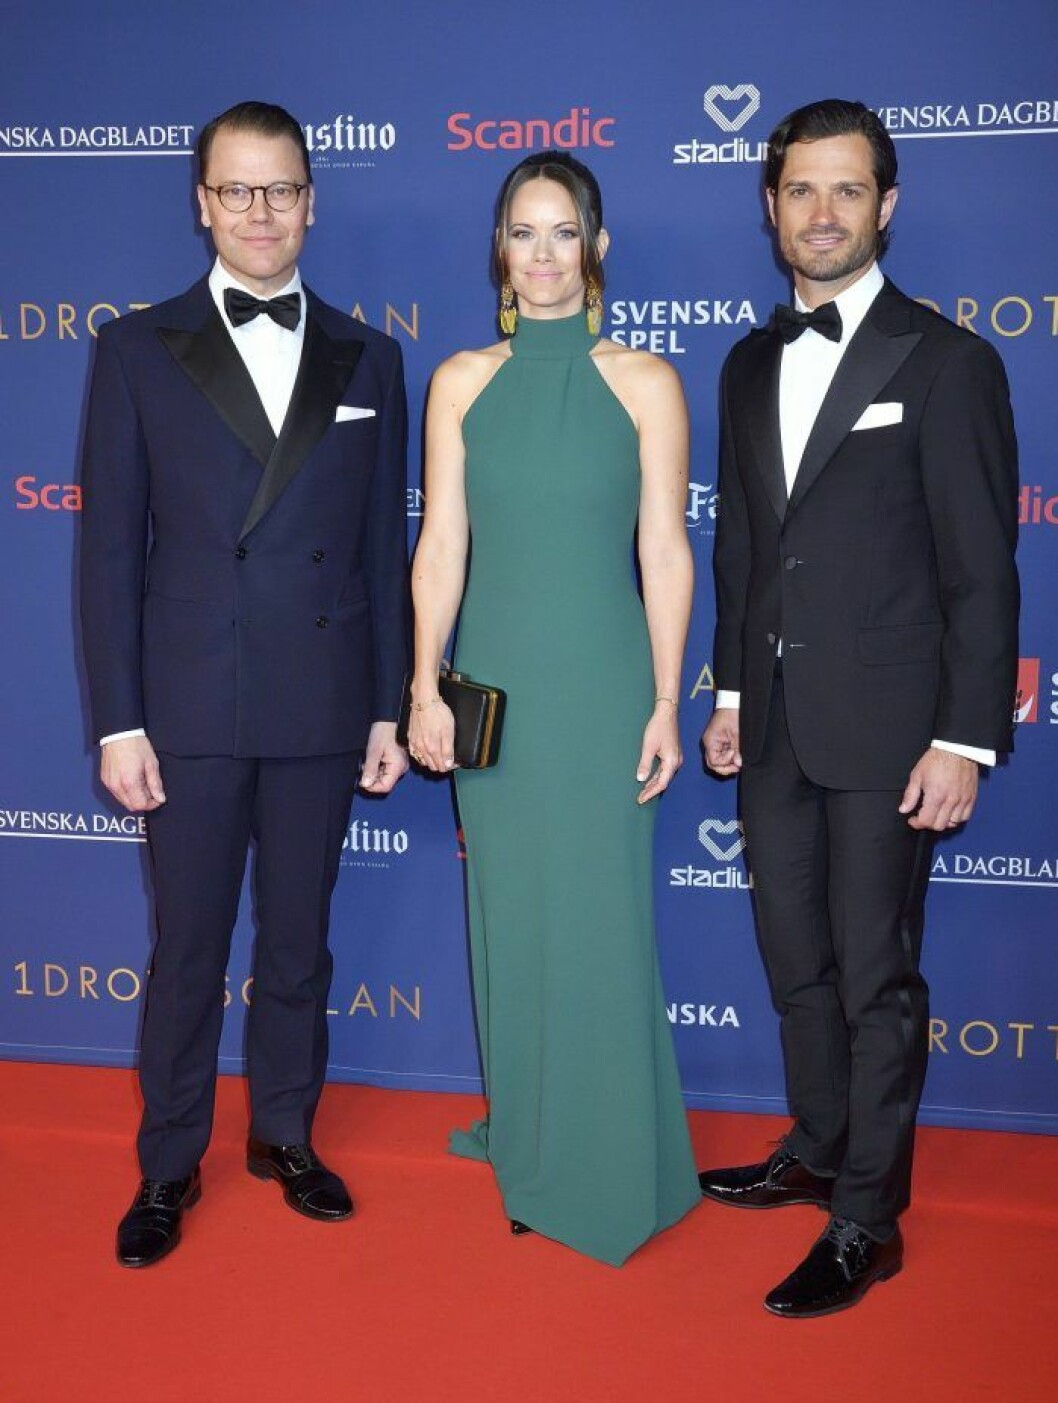 Prins Daniel, prinsessan Sofia och prins Carl Philip på röda mattan under Idrottsgalan.